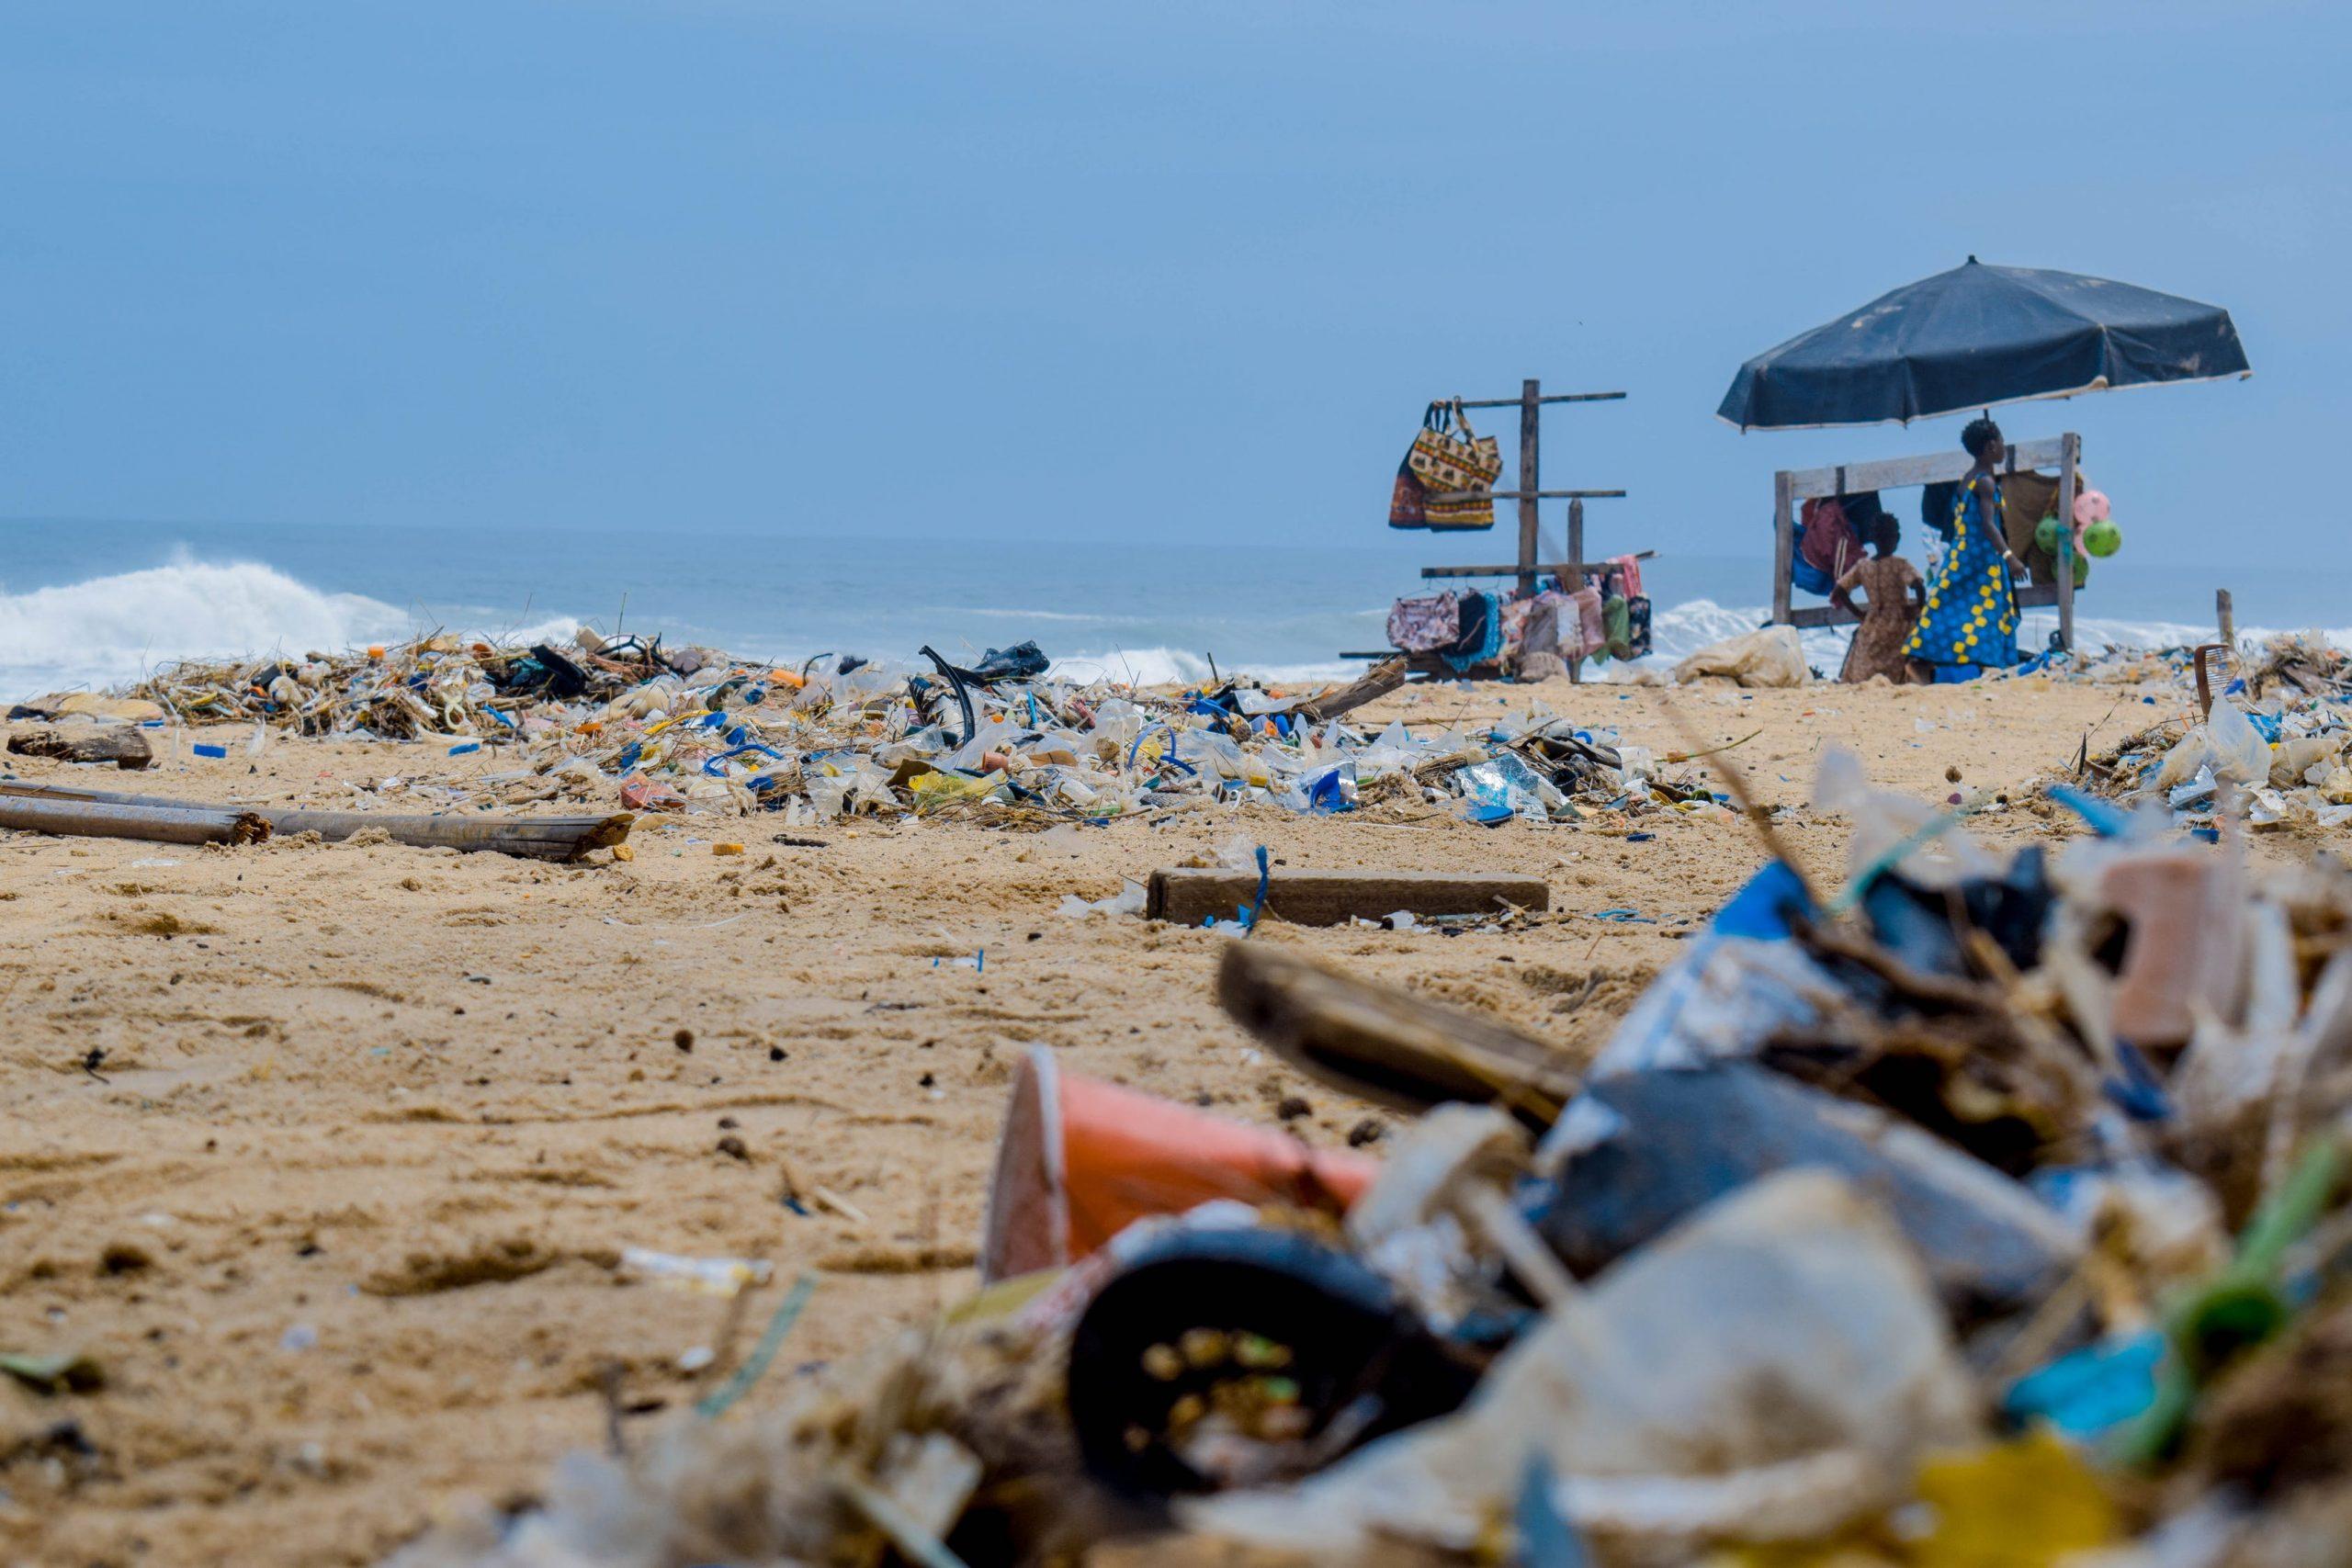 Nová studie přináší informace o druhu, chování a původu odpadu v oceánech